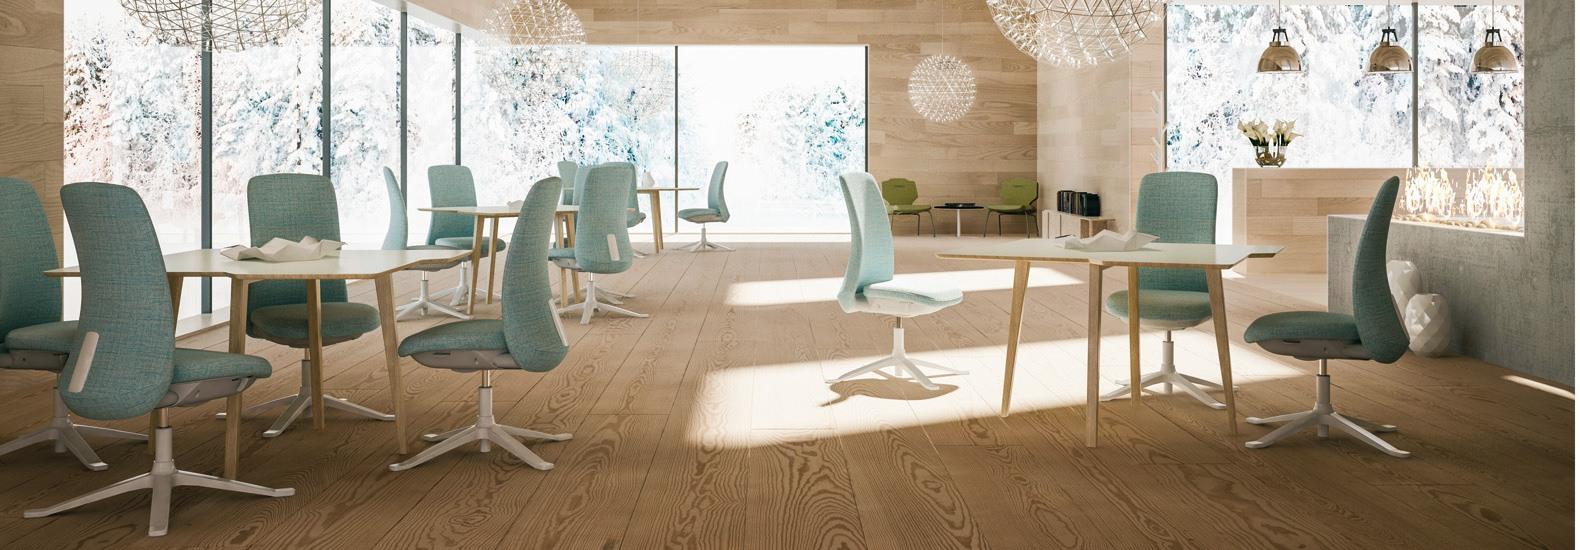 Als leistungsstarker Bürostuhl unterstützt der HÅG SoFi Sie dabei auf alle dynamischen Entwicklungen perfekt vorbereitet zu sein und fokussiert zu arbeiten.